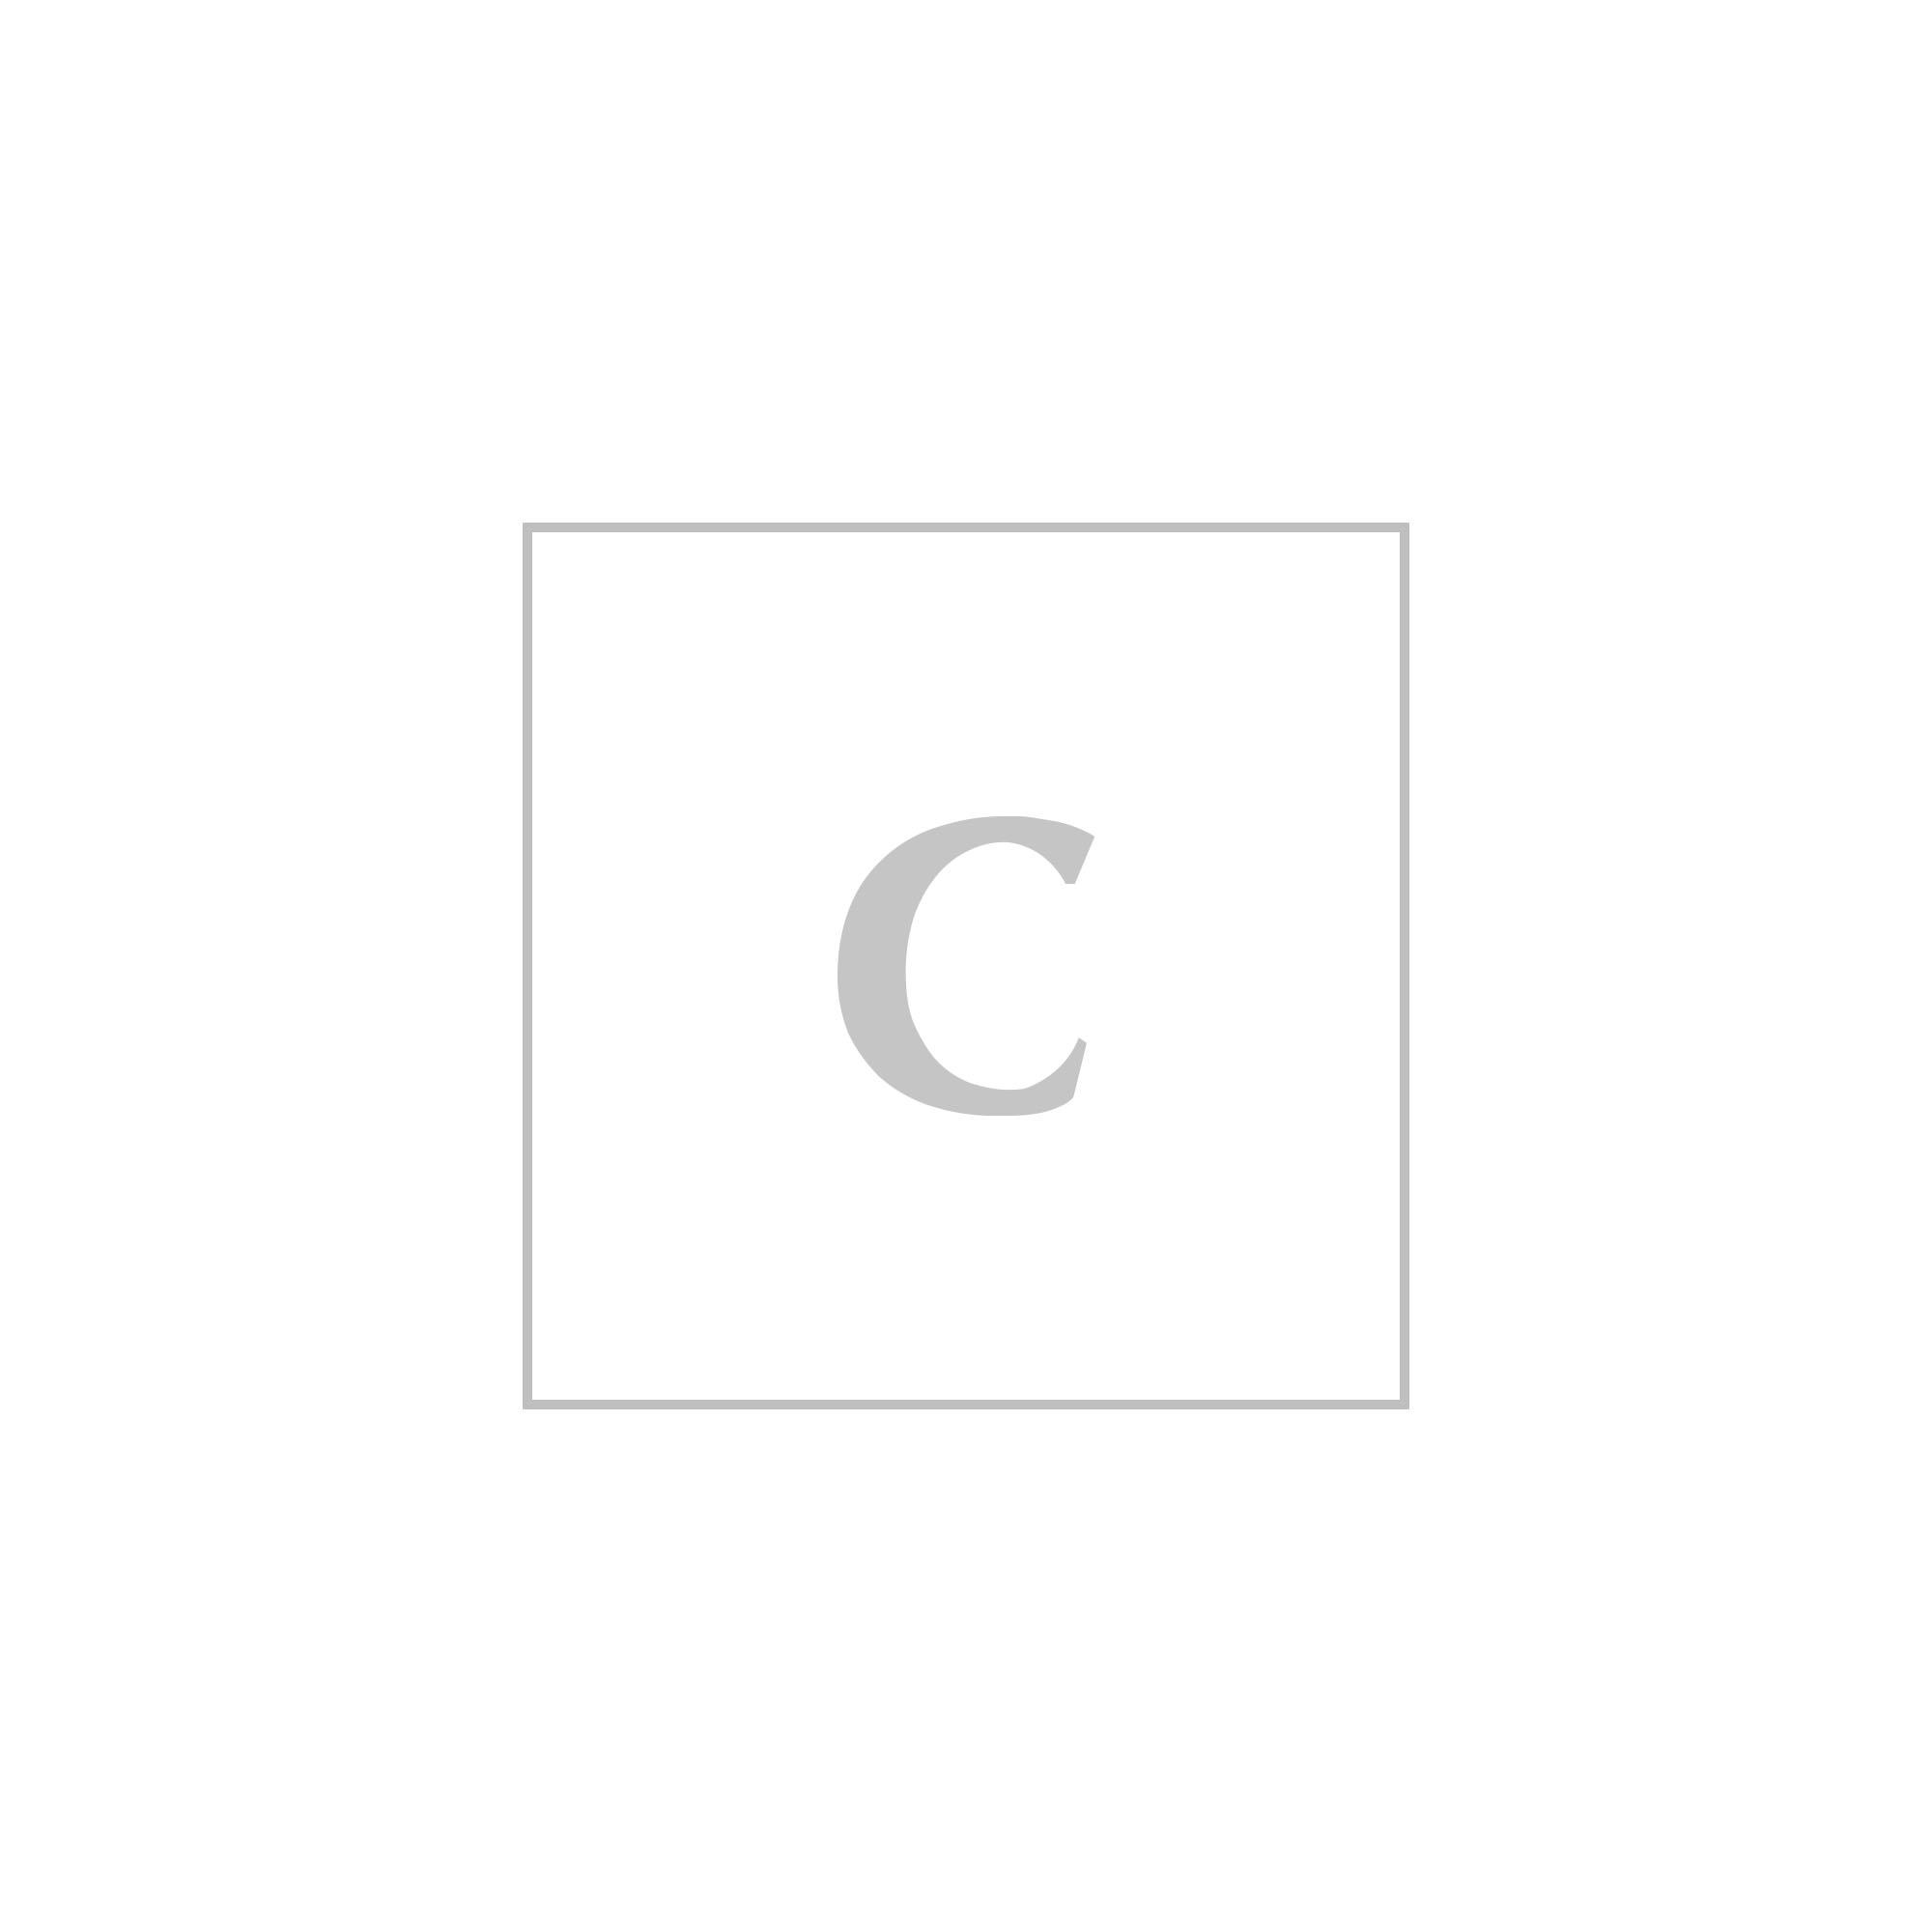 balmain clothing women 3 button logo top